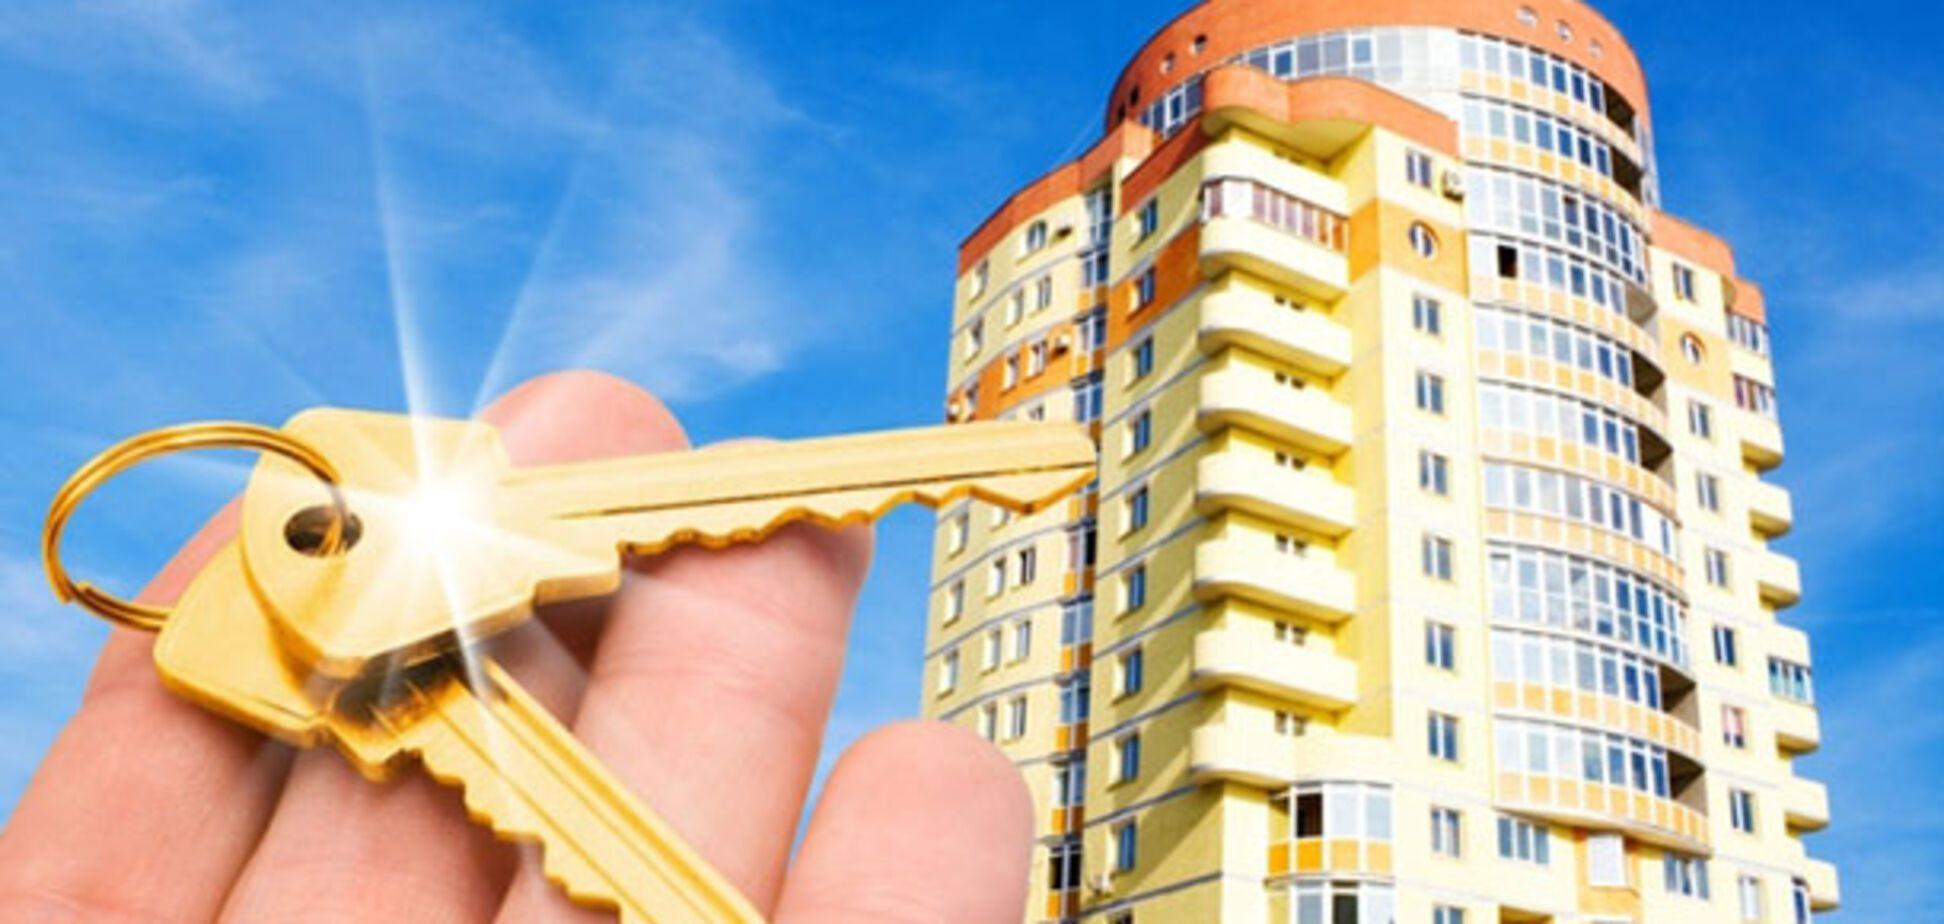 Эксперты по недвижимости уверены, что обвала рынка не будет